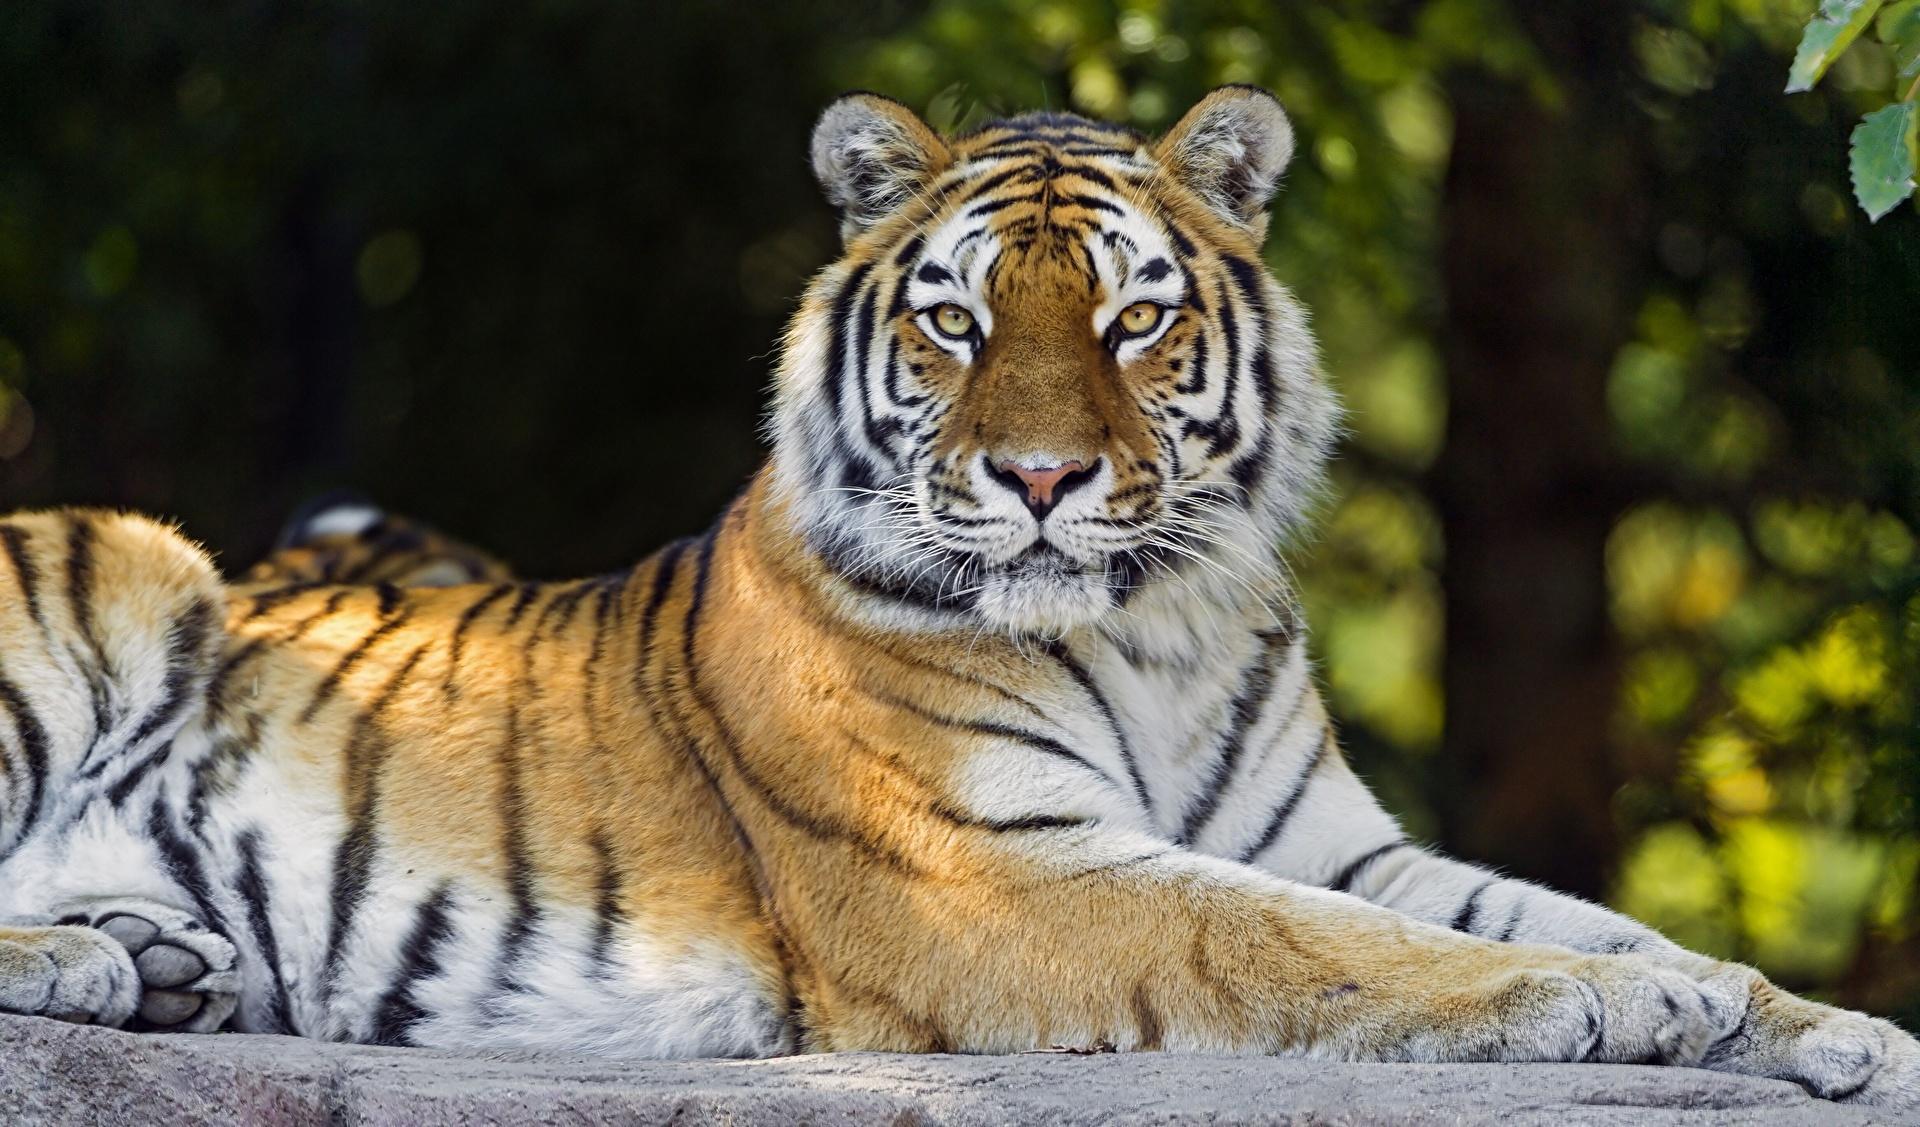 Тигр под пальмой тигр взгляд вверх  № 2081255 бесплатно